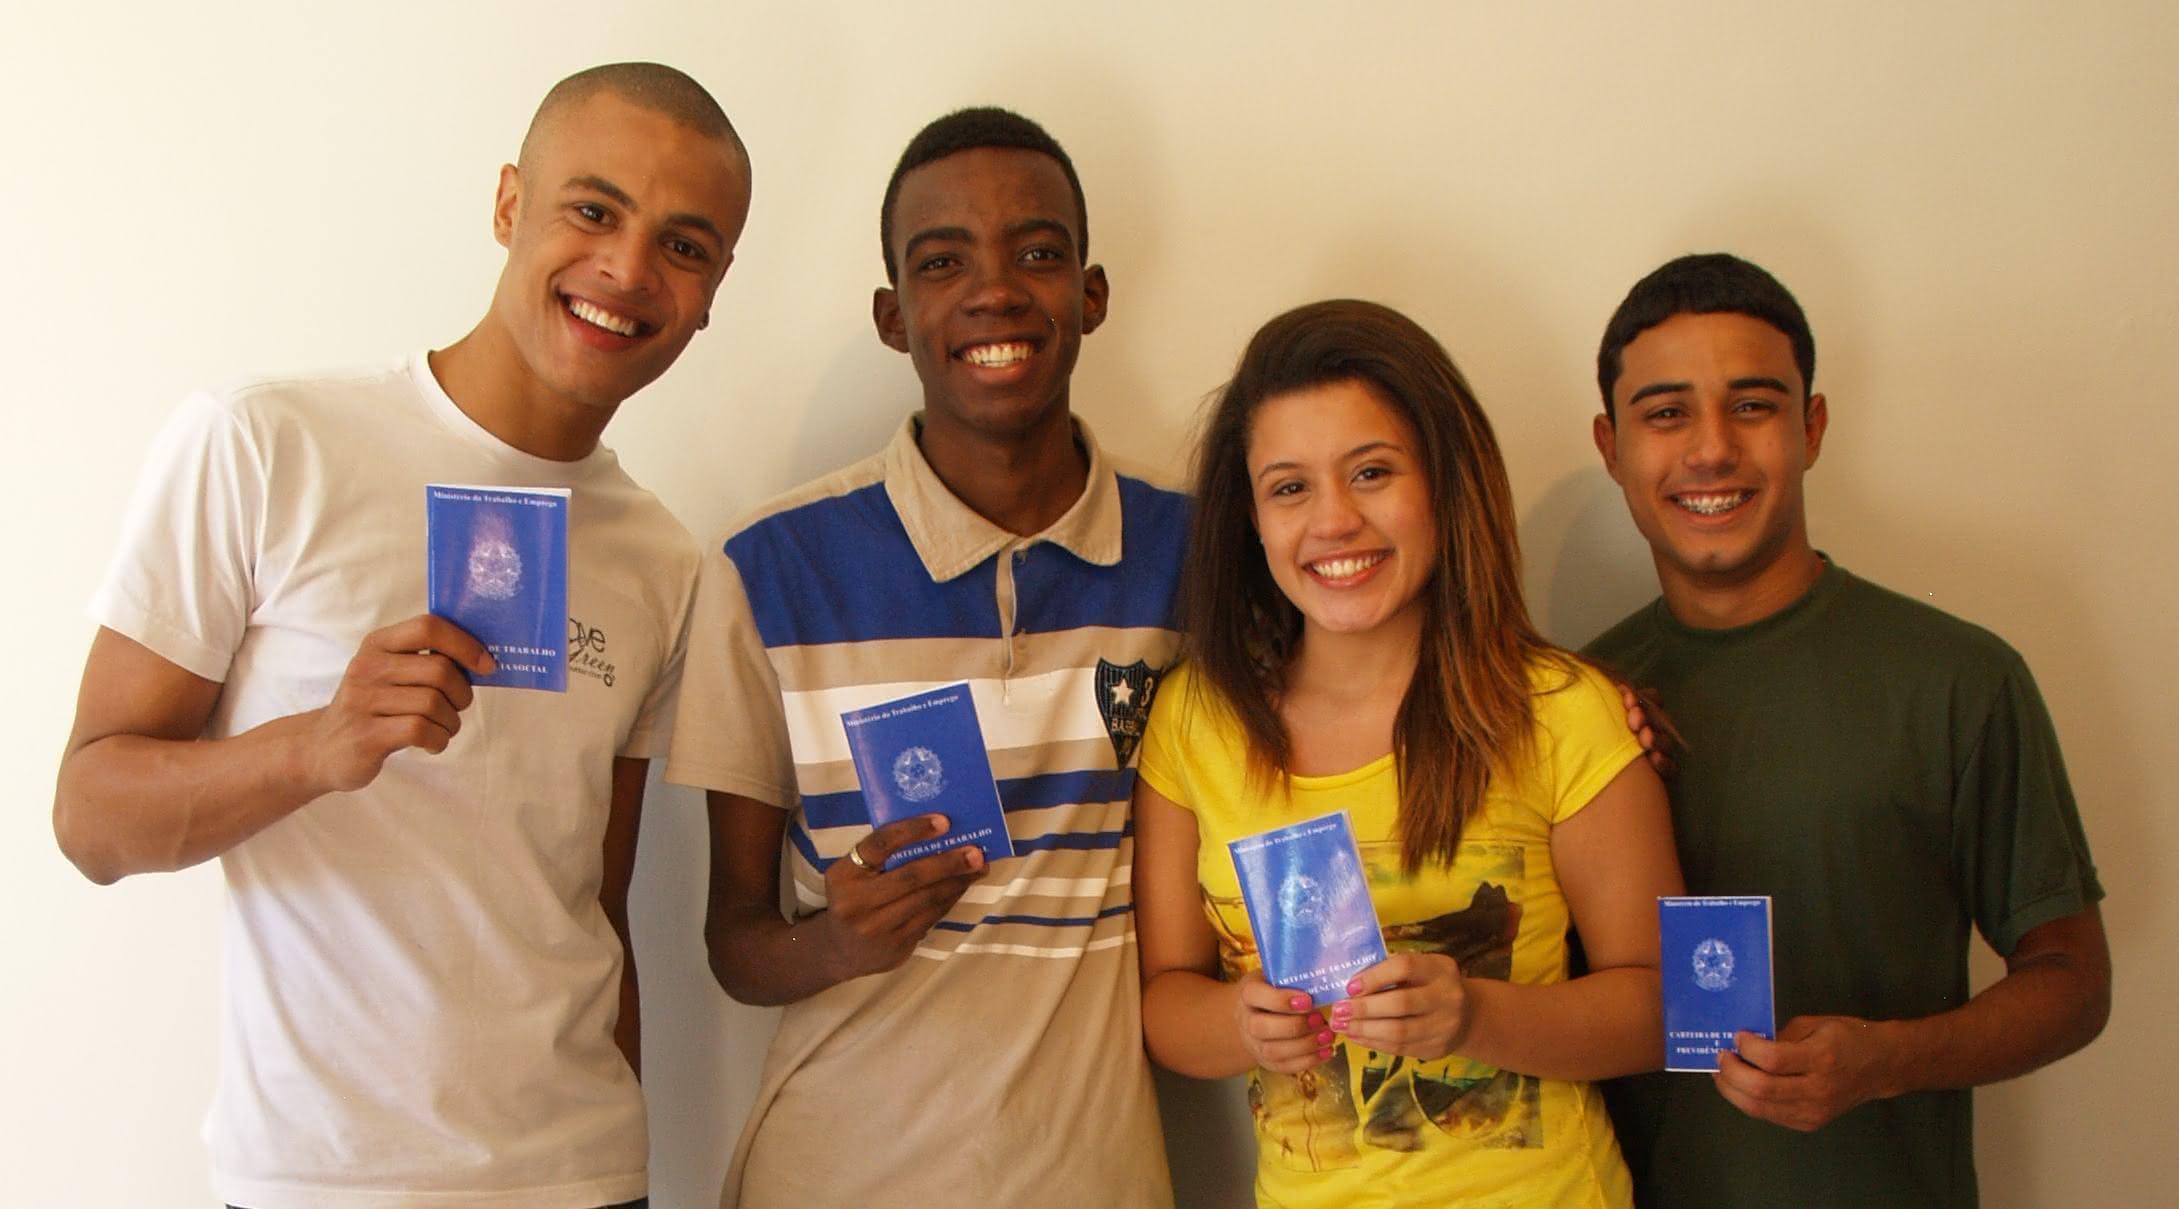 Resultado de imagem para Programa Adolescente Aprendiz na Caixa Econômica Federal